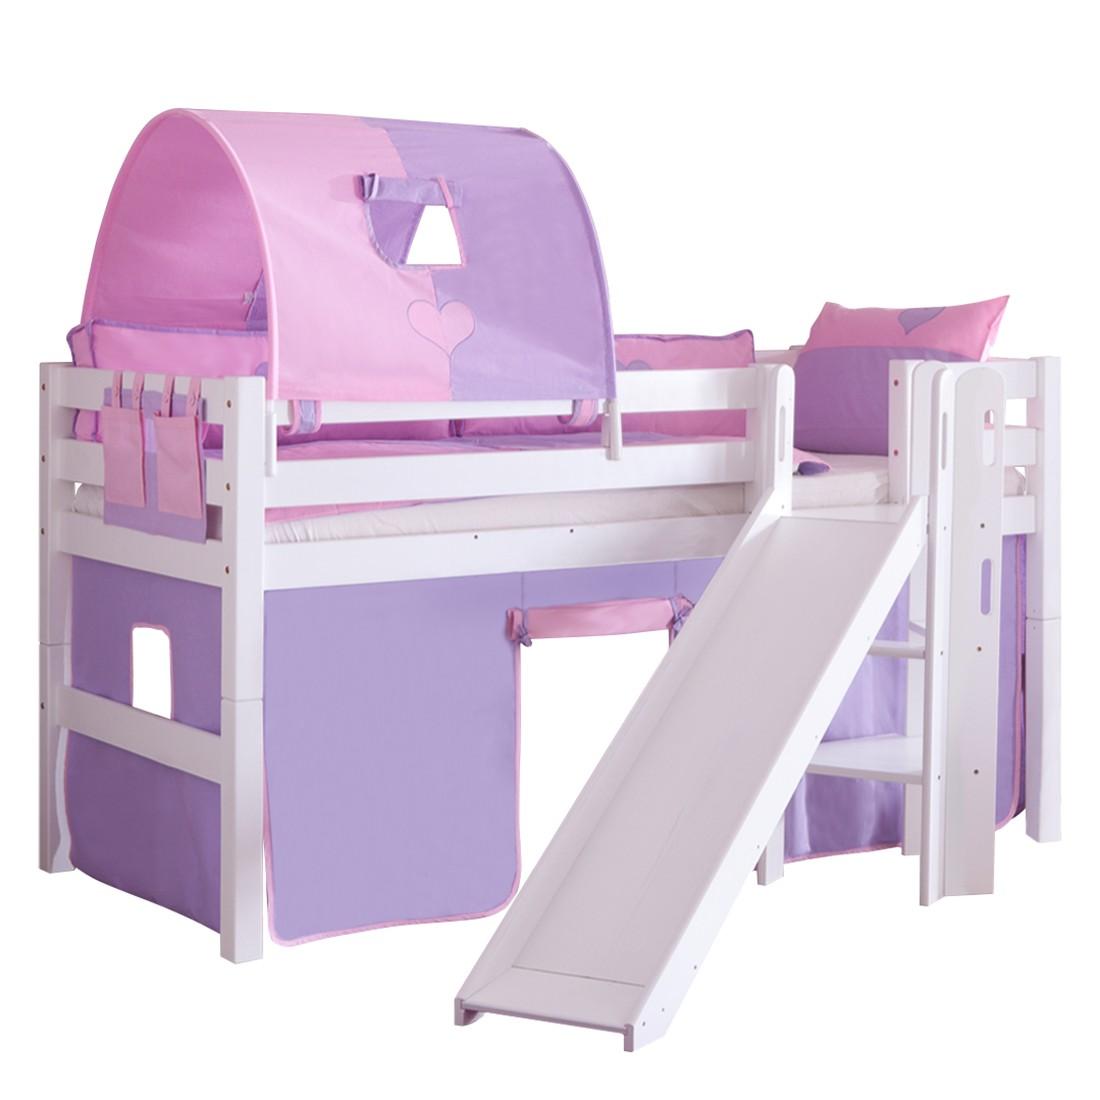 Spielbett Eliyas - mit Rutsche, Vorhang, Tunnel und Tasche - Buche weiß/Textil purple-rosa-herz, Relita